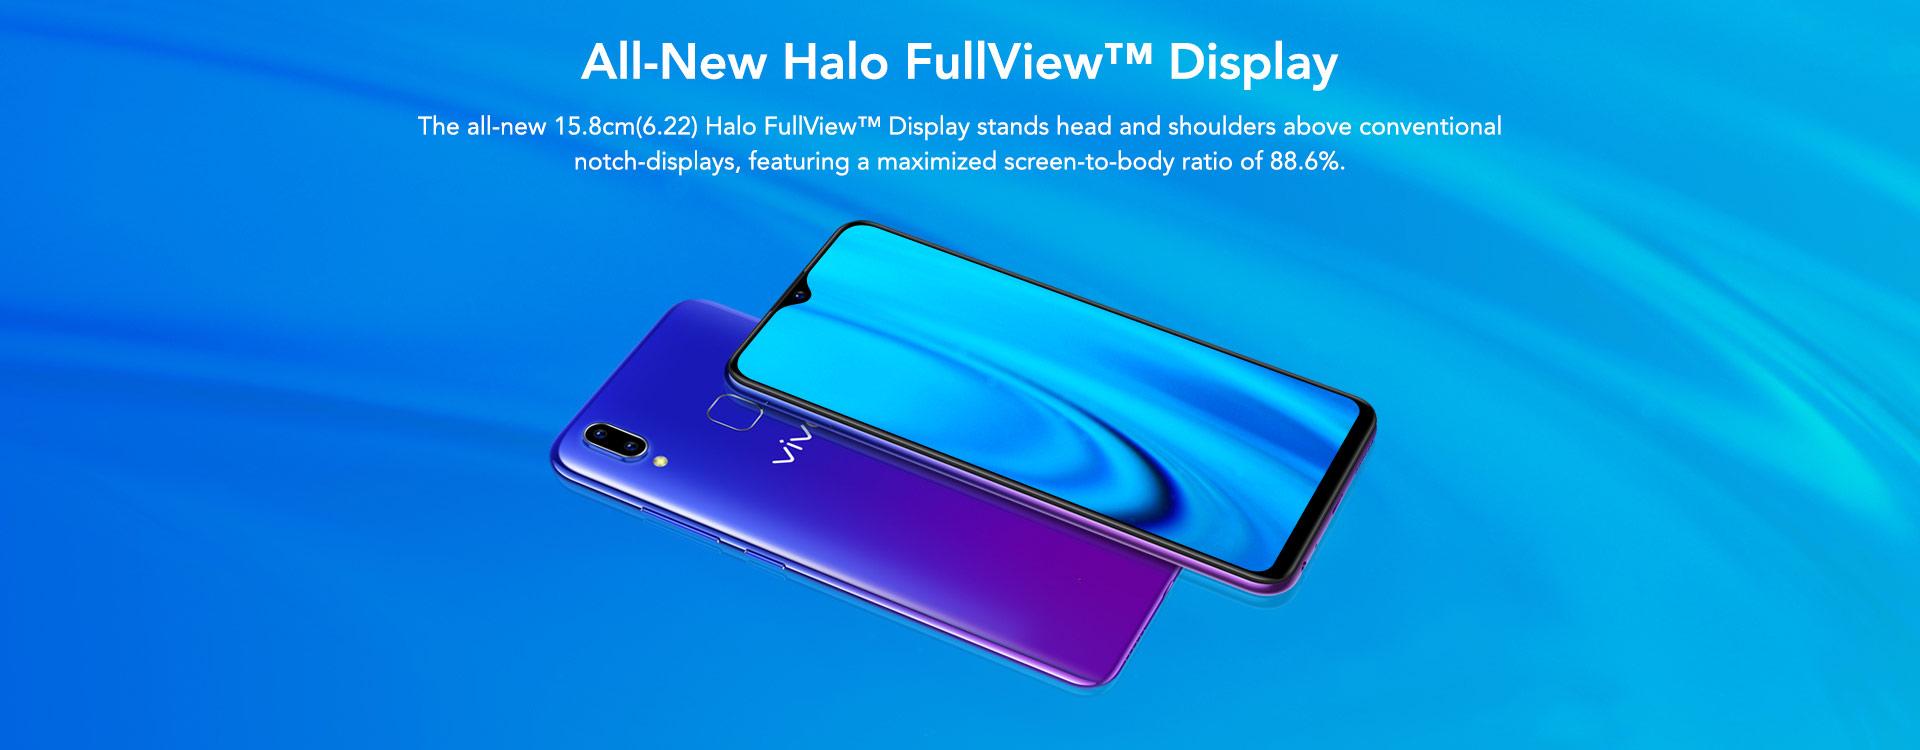 Vivo Y93 6.22 Halo Display Smartphone 2018